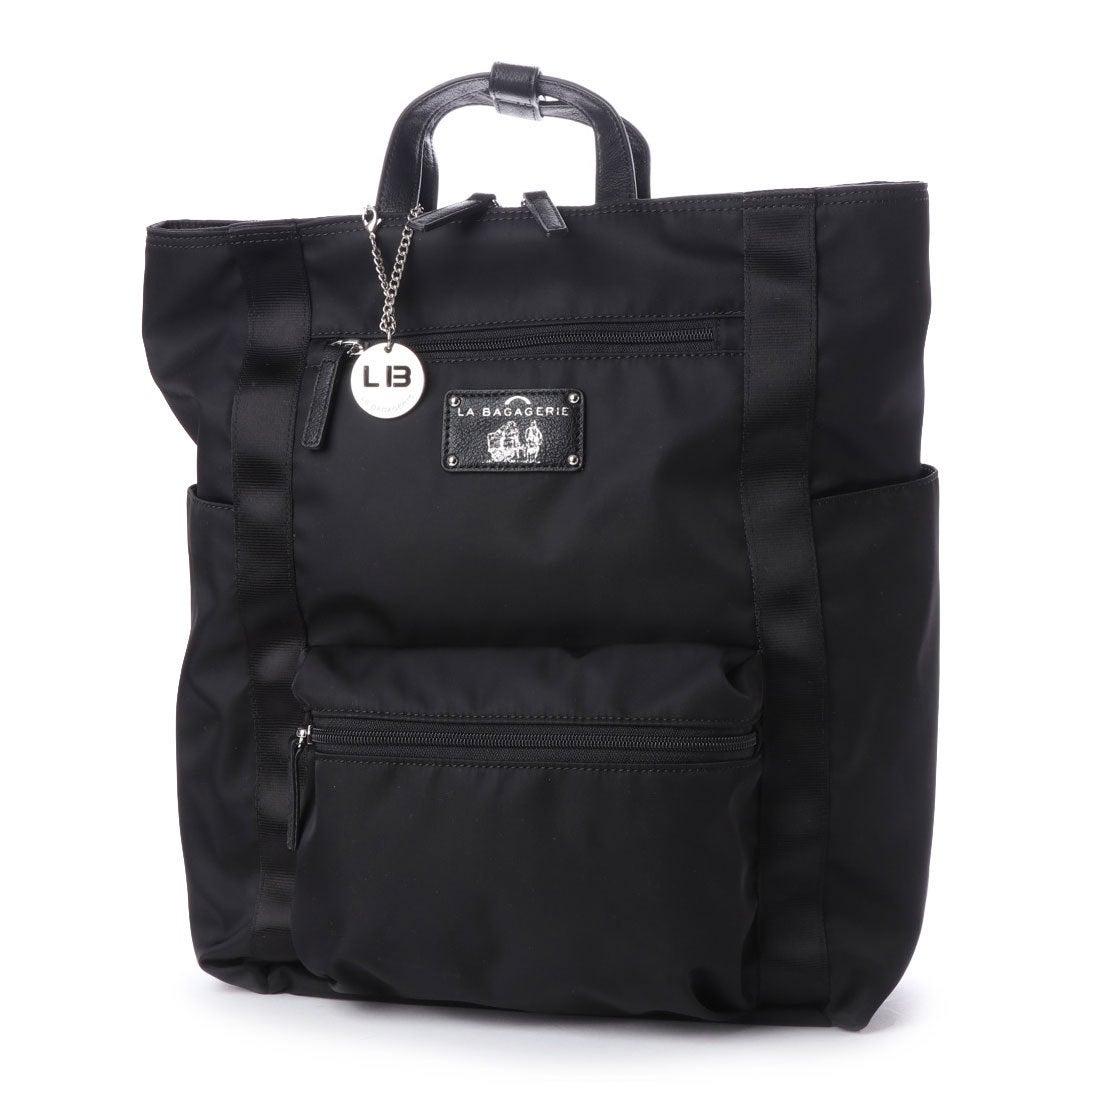 b55b225d54 ラ バガジェリー LA BAGAGERIE 10ポケットスクエアリュック (BLACK) -ラグジュアリーブランド通販 ロコンドデパートメント  (LOCONDO DEPARTMEMT)